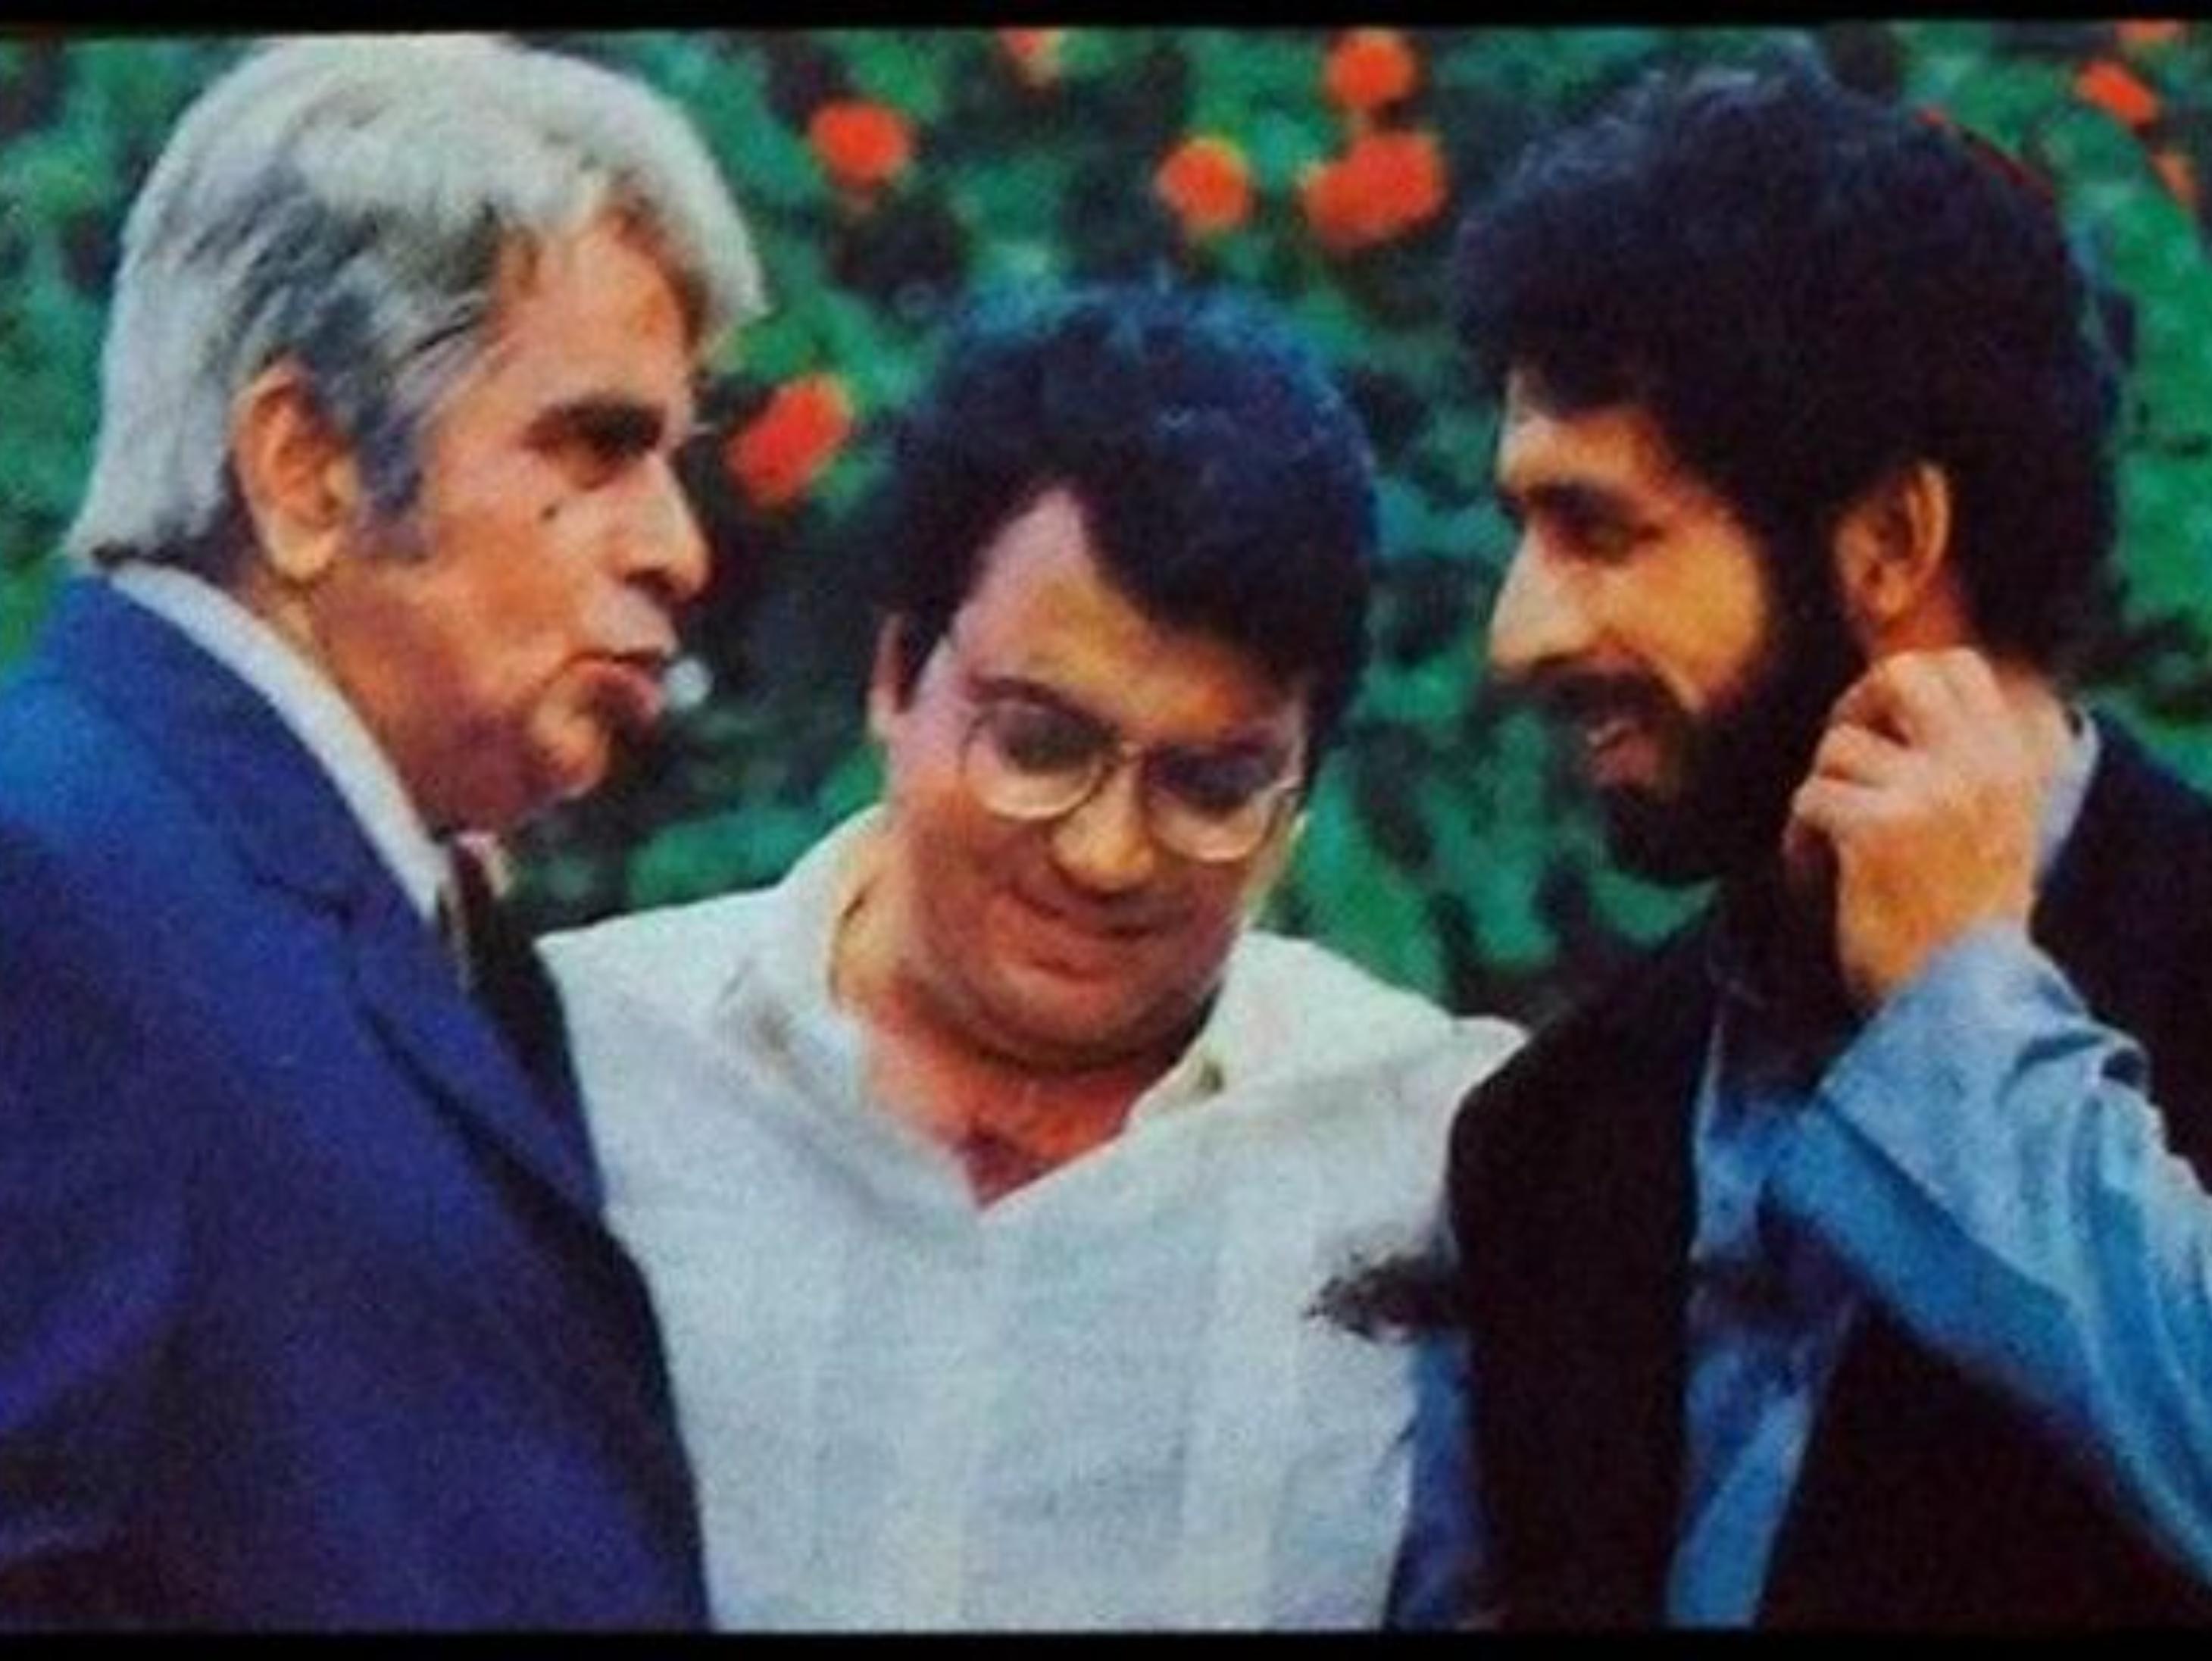 नसीरुद्दीन शाह बोले- मैं दिलीप कुमार से मिलना चाहता था लेकिन दुर्भाग्य से जिस दिन मैं गया, वह भी चले गए बॉलीवुड,Bollywood - Dainik Bhaskar